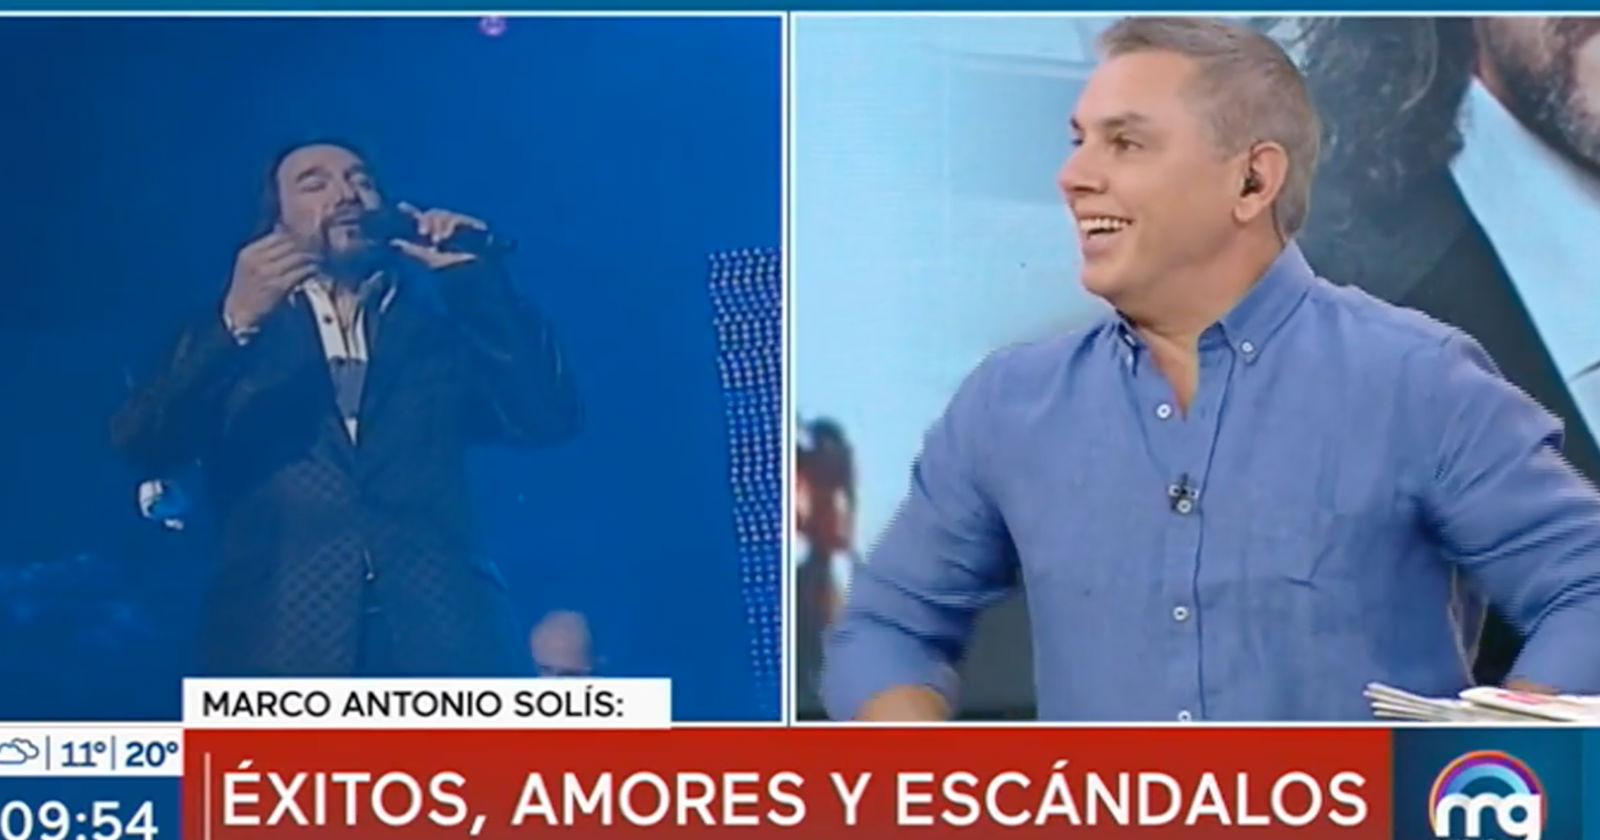 VIDEO - José Miguel Viñuela regresó al Mucho Gusto después de cuatro meses